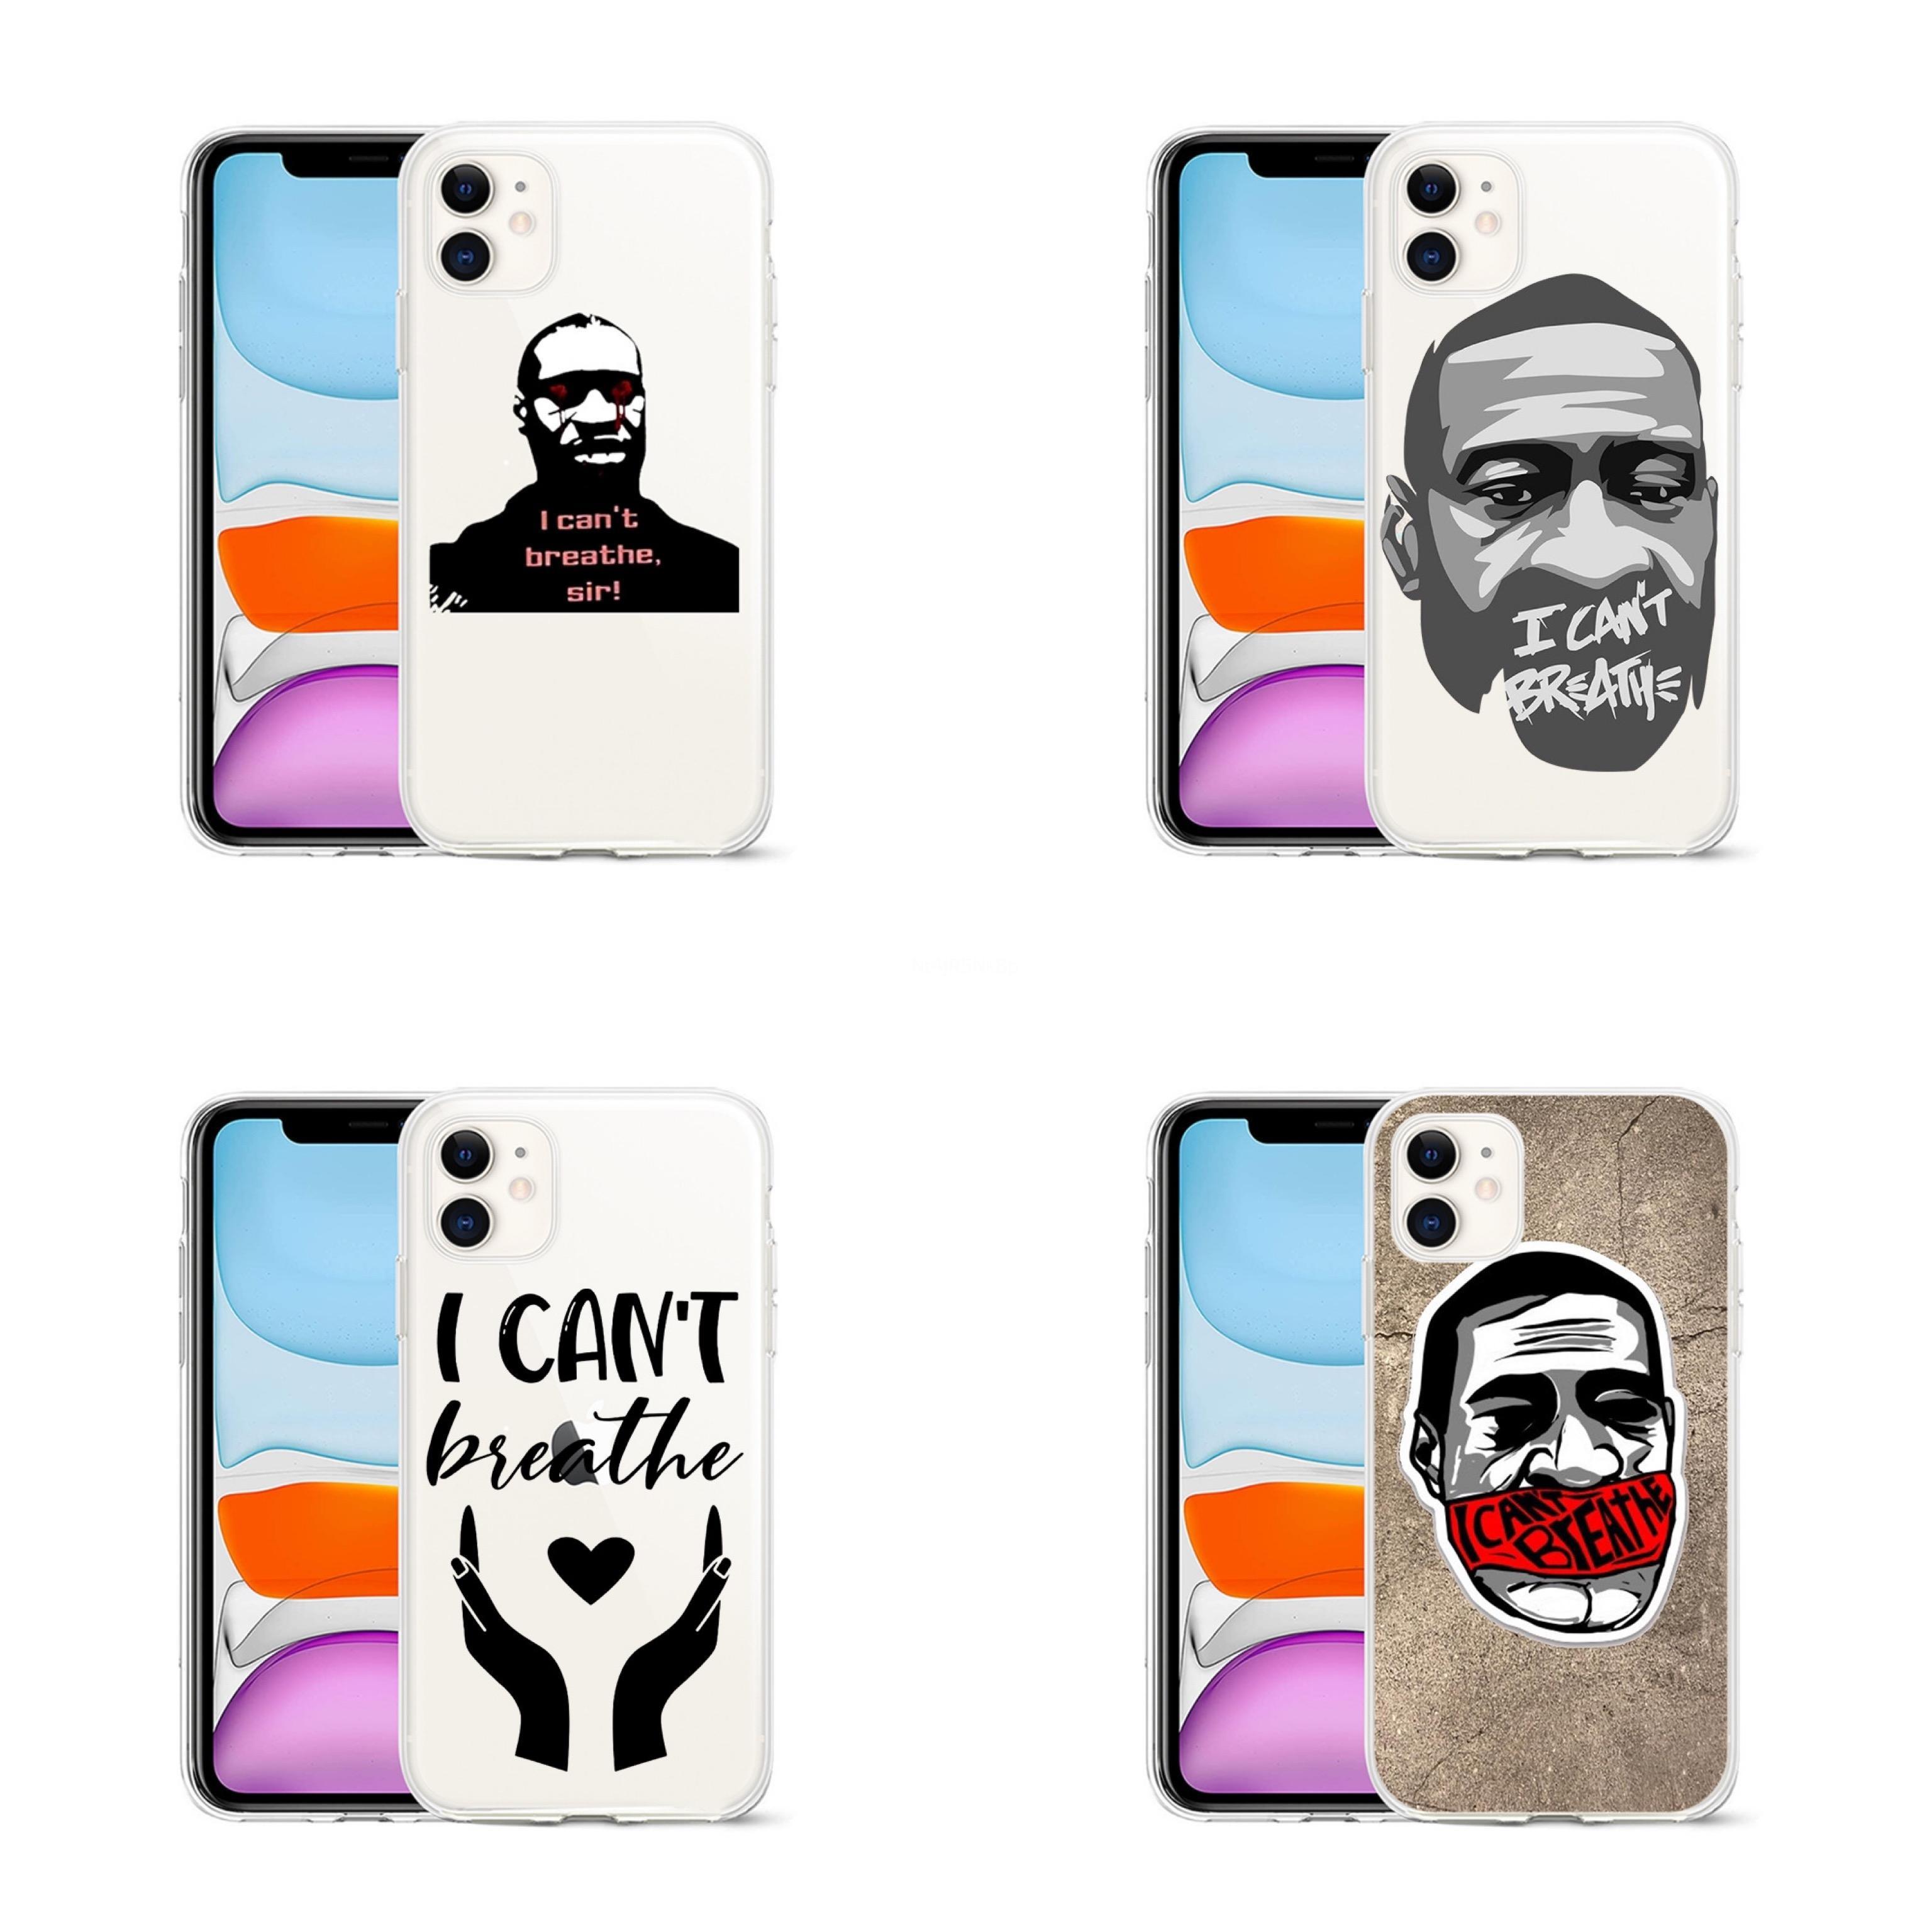 One Piece Luxury телефон чехол для Iphone 7 8P Xr Xs Max 11Promax Мода двойной кожаный карта карман дизайнера задняя крышка для подарков # OU687